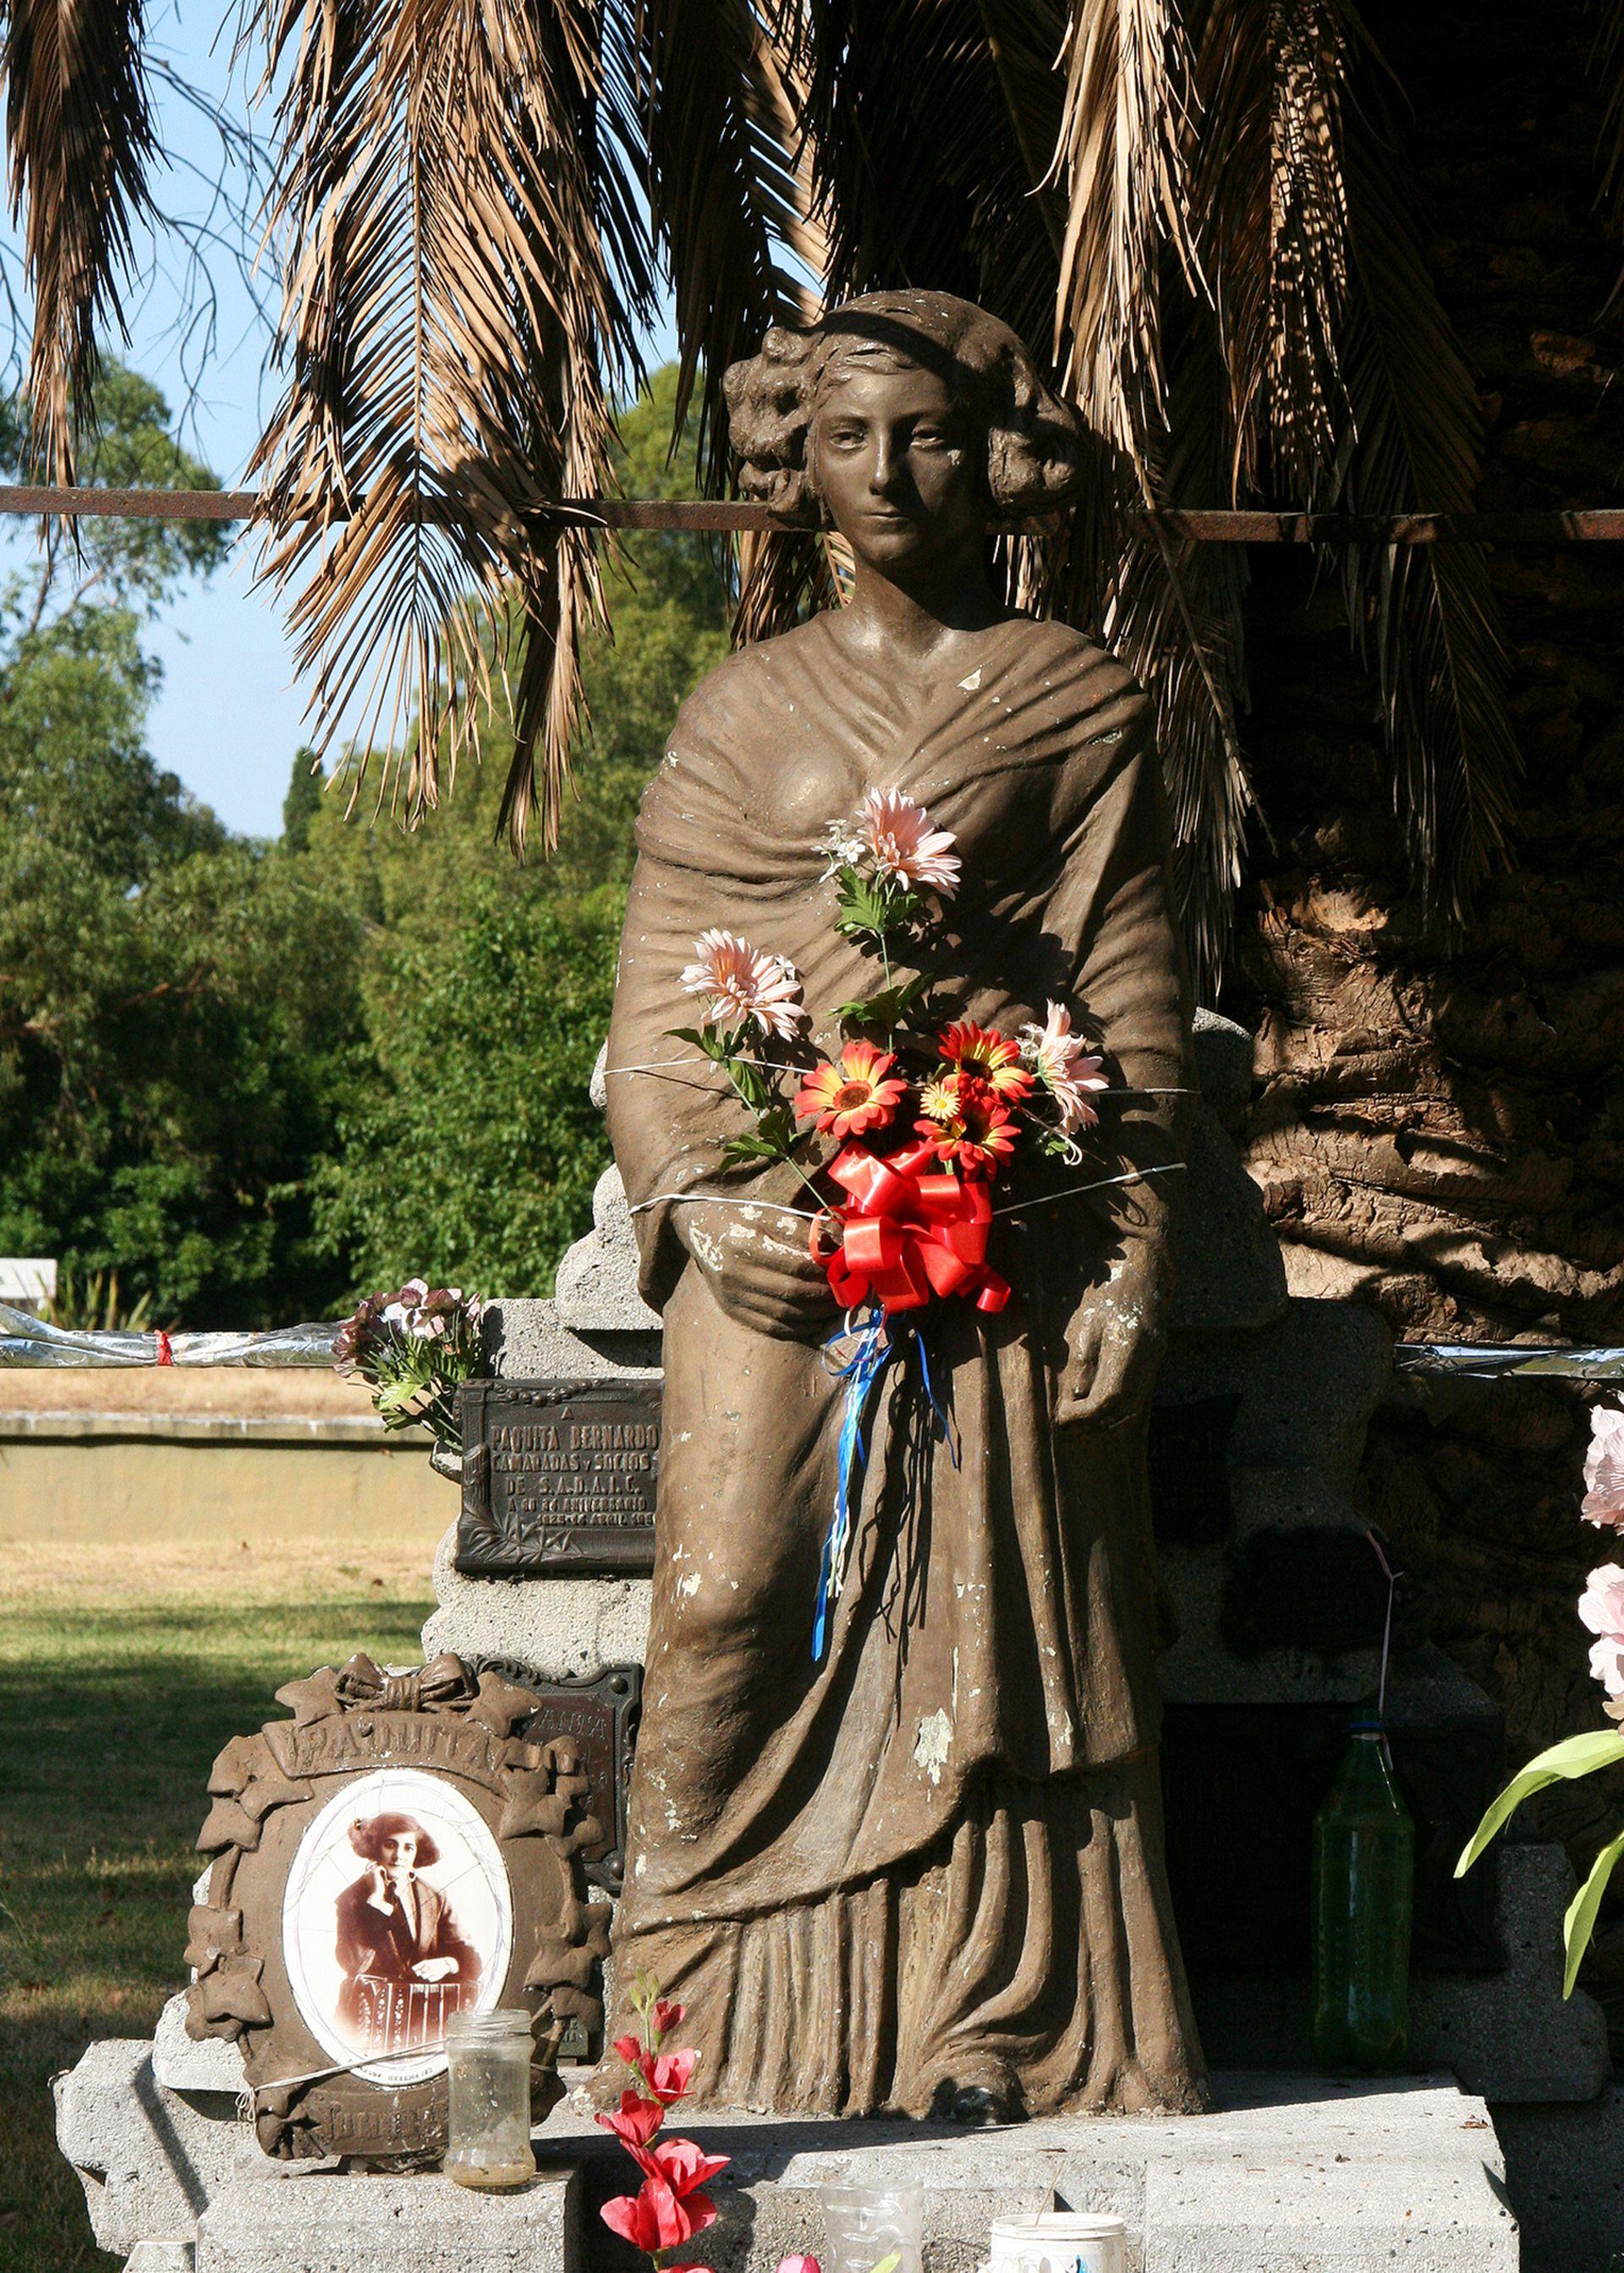 Sepulcro de la bandoneonista Paquita Bernardo en el Cementerio de la Chacarita